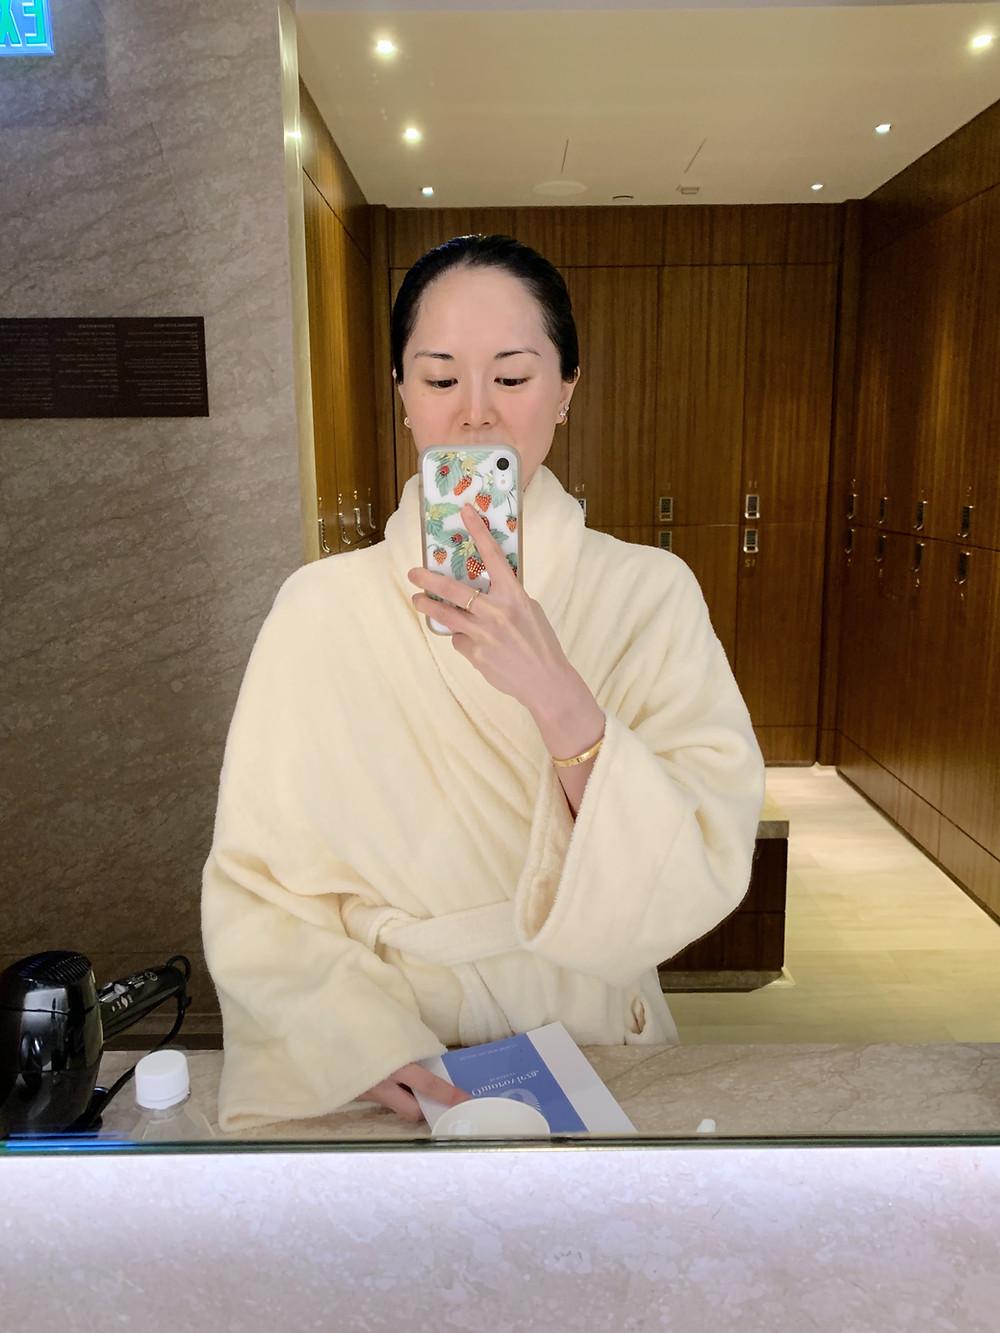 Jenni Lien at the spa at Kerry Hotel Hong Kong